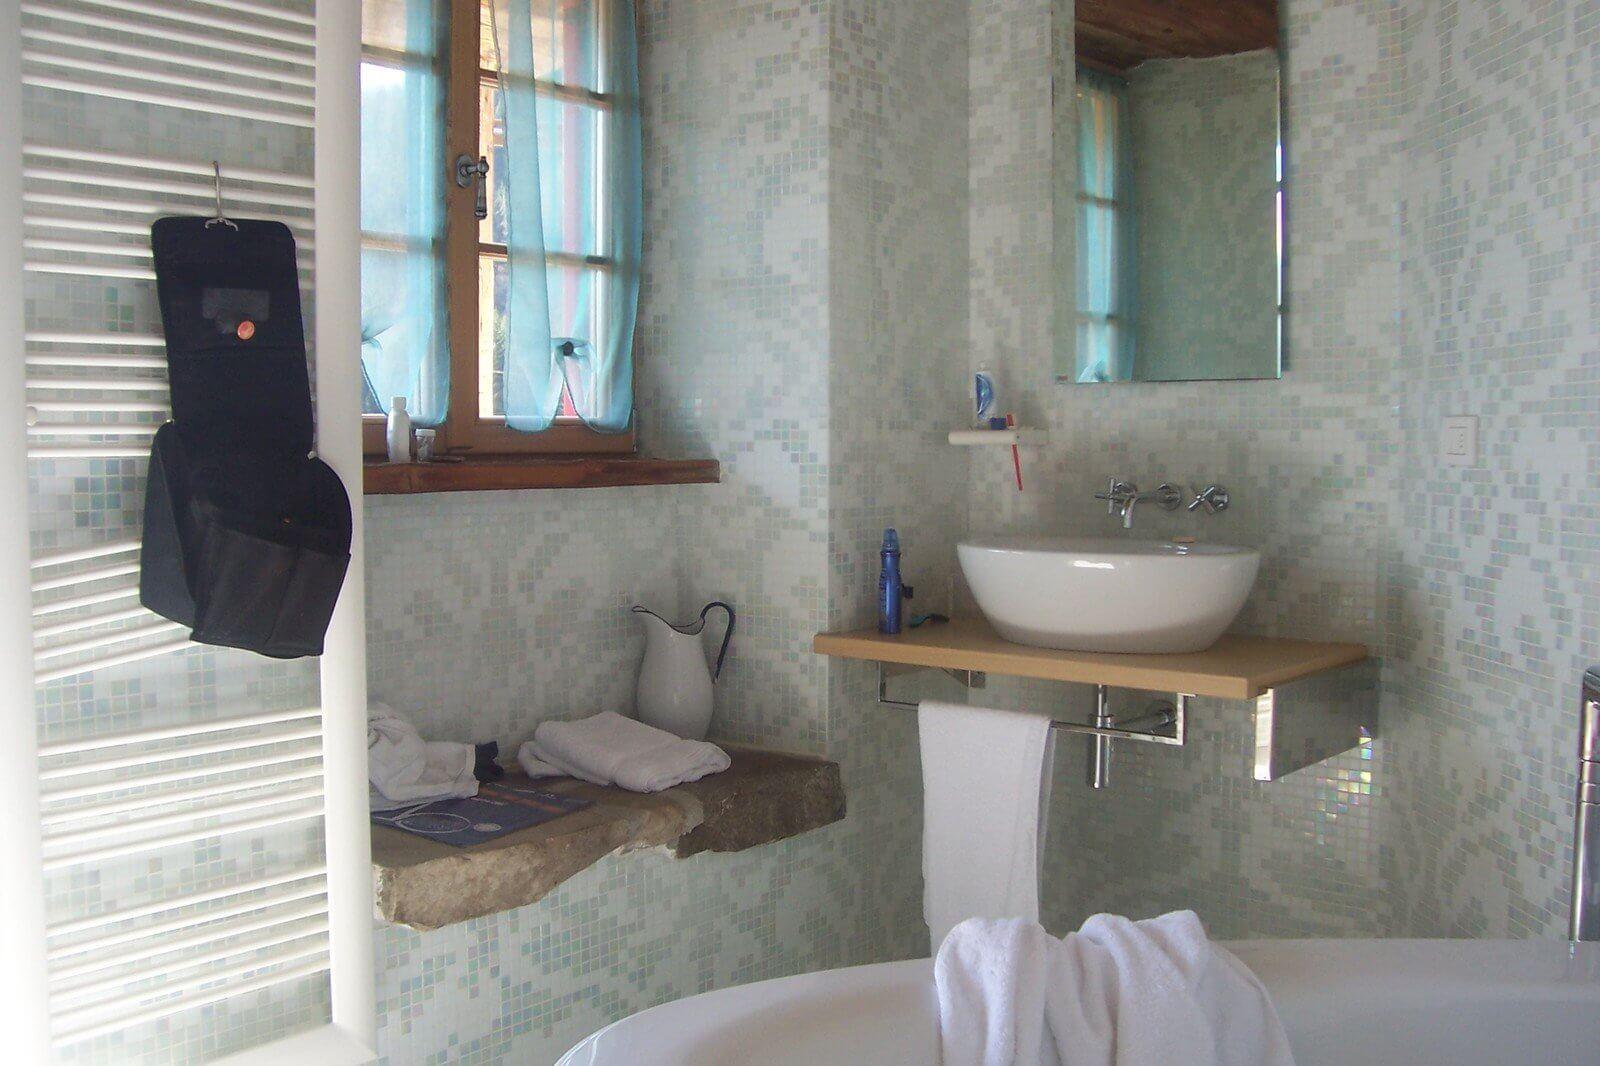 nowoczesne lustro do każdej łazienki